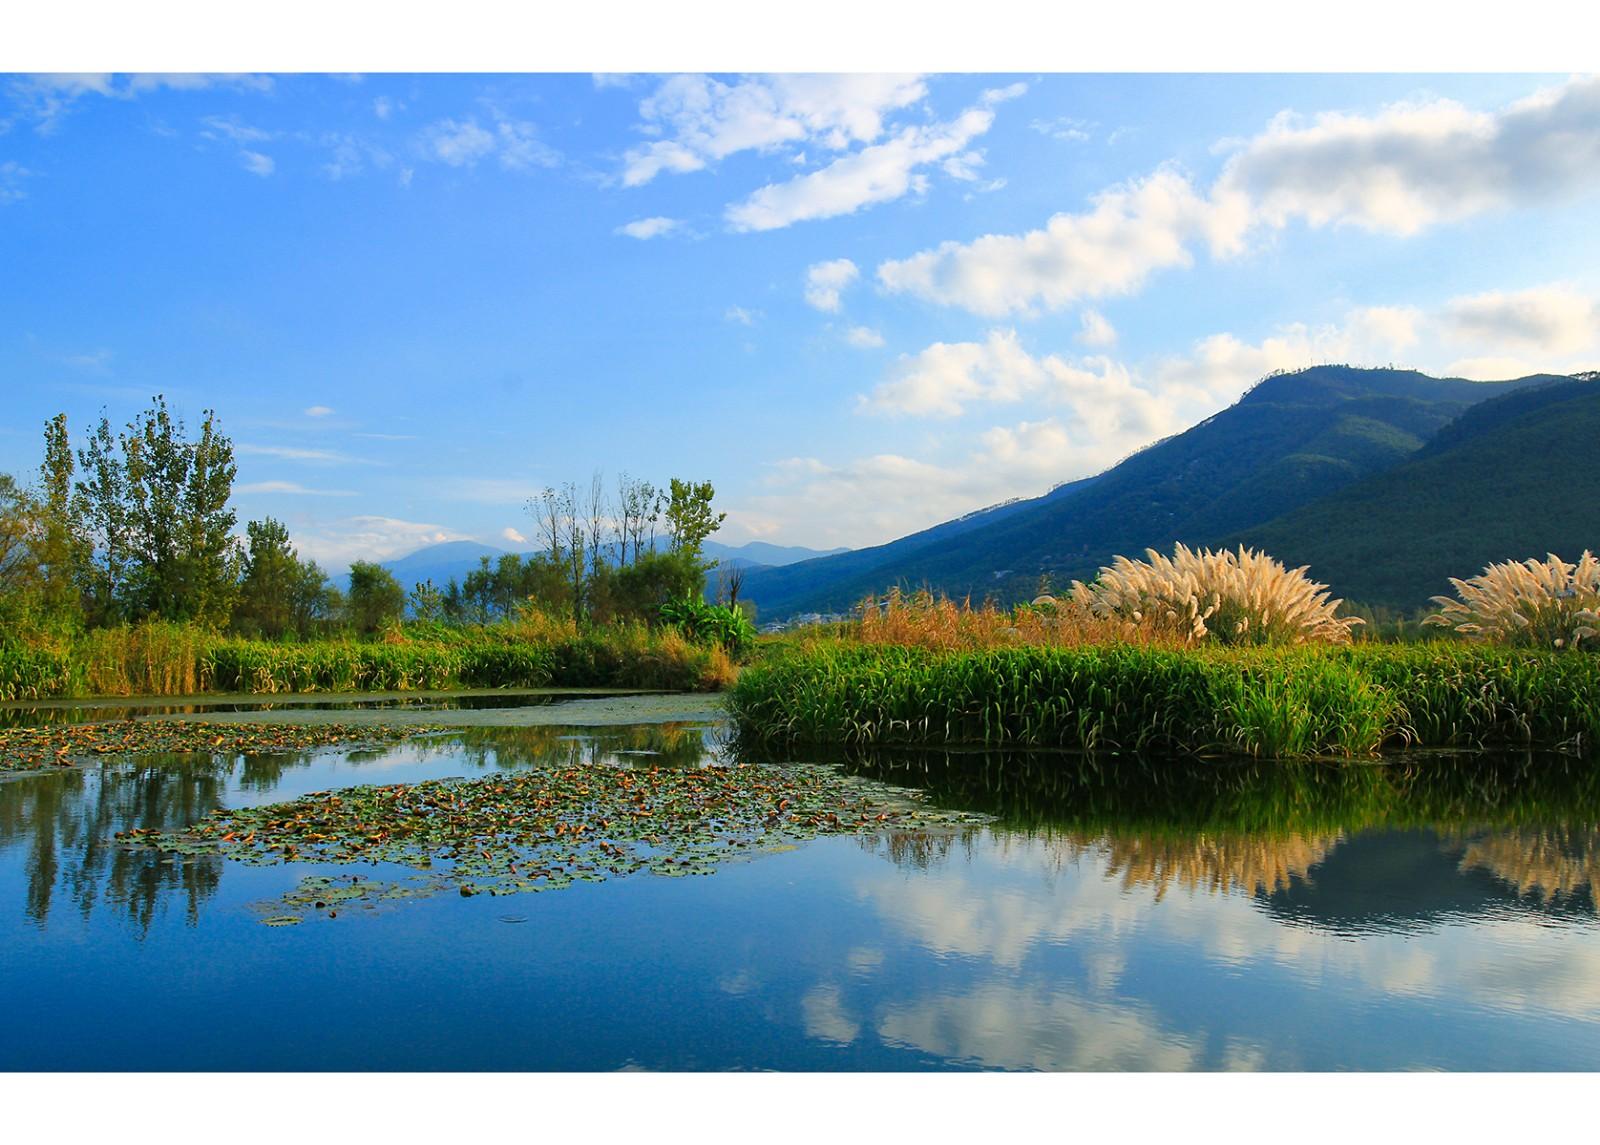 西昌邛海國家濕地公園,自然環境優越,風景如畫.